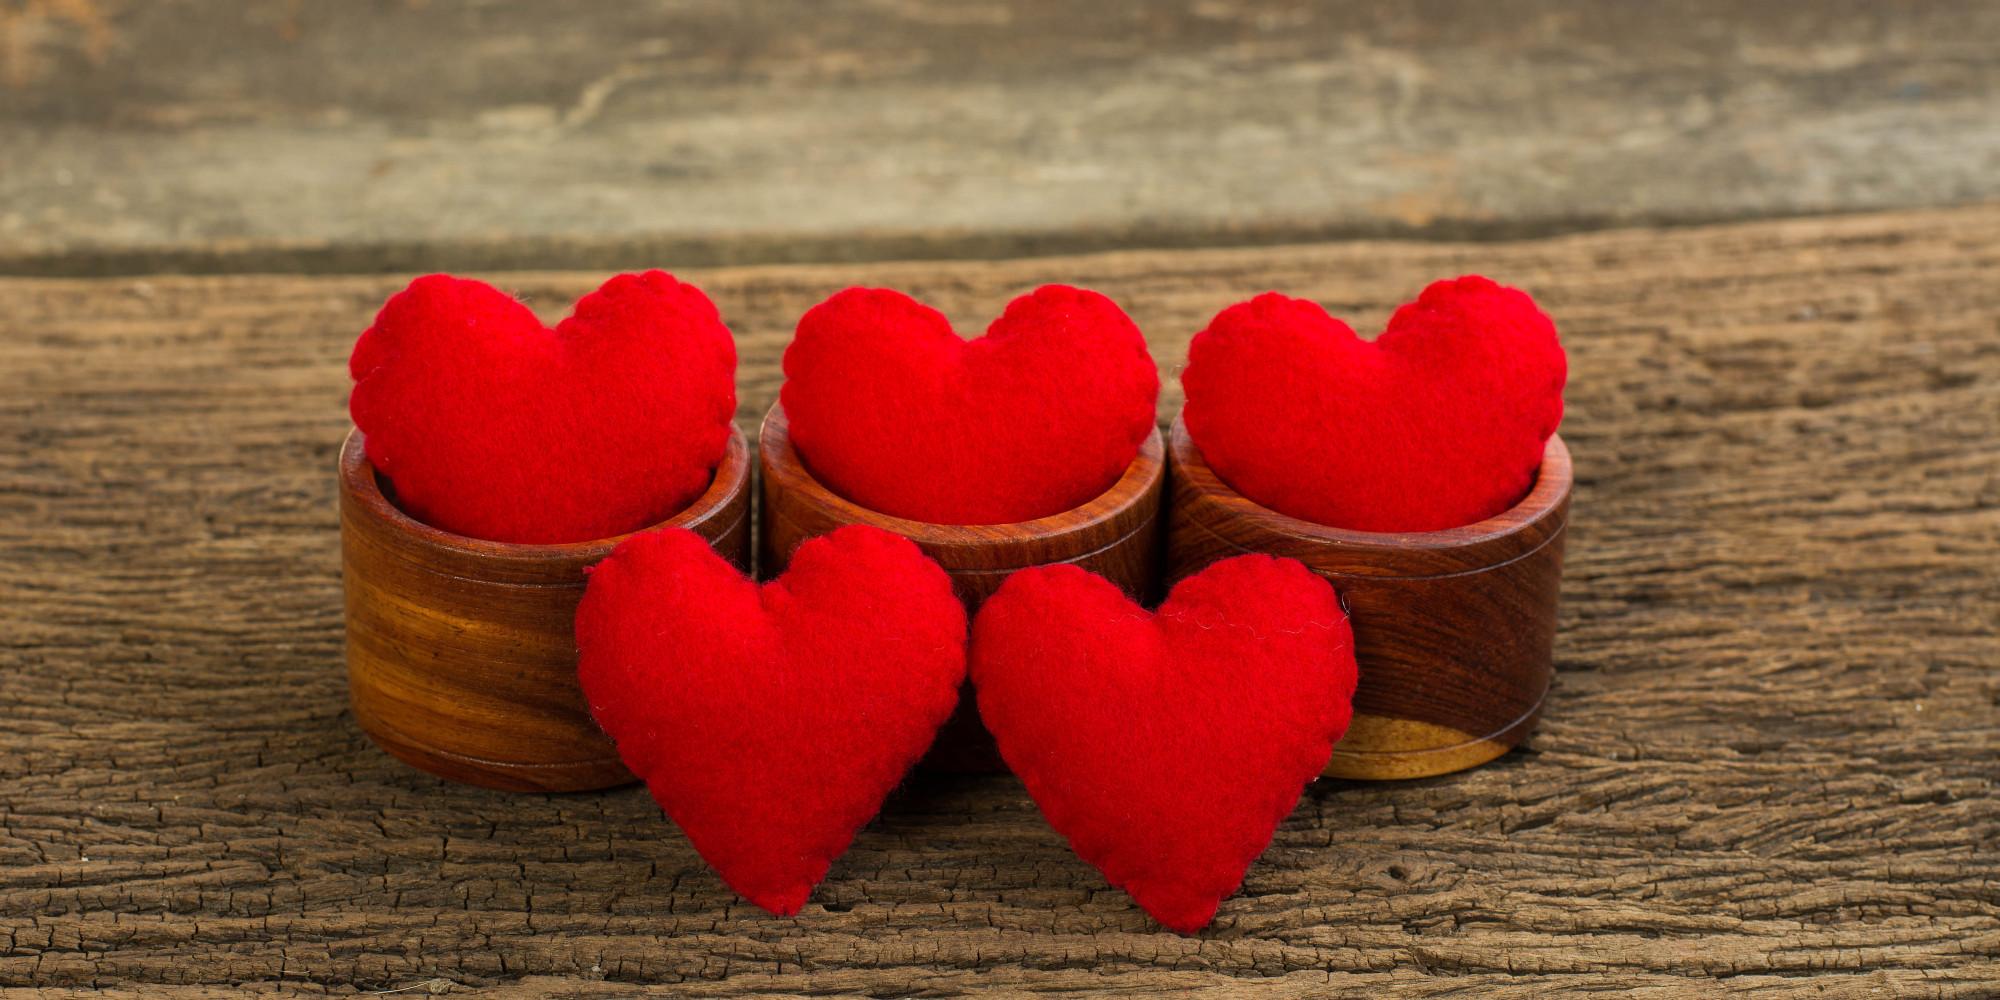 بالصور اجدد صور قلوب , قلب ينبض بالحب والحنين 12292